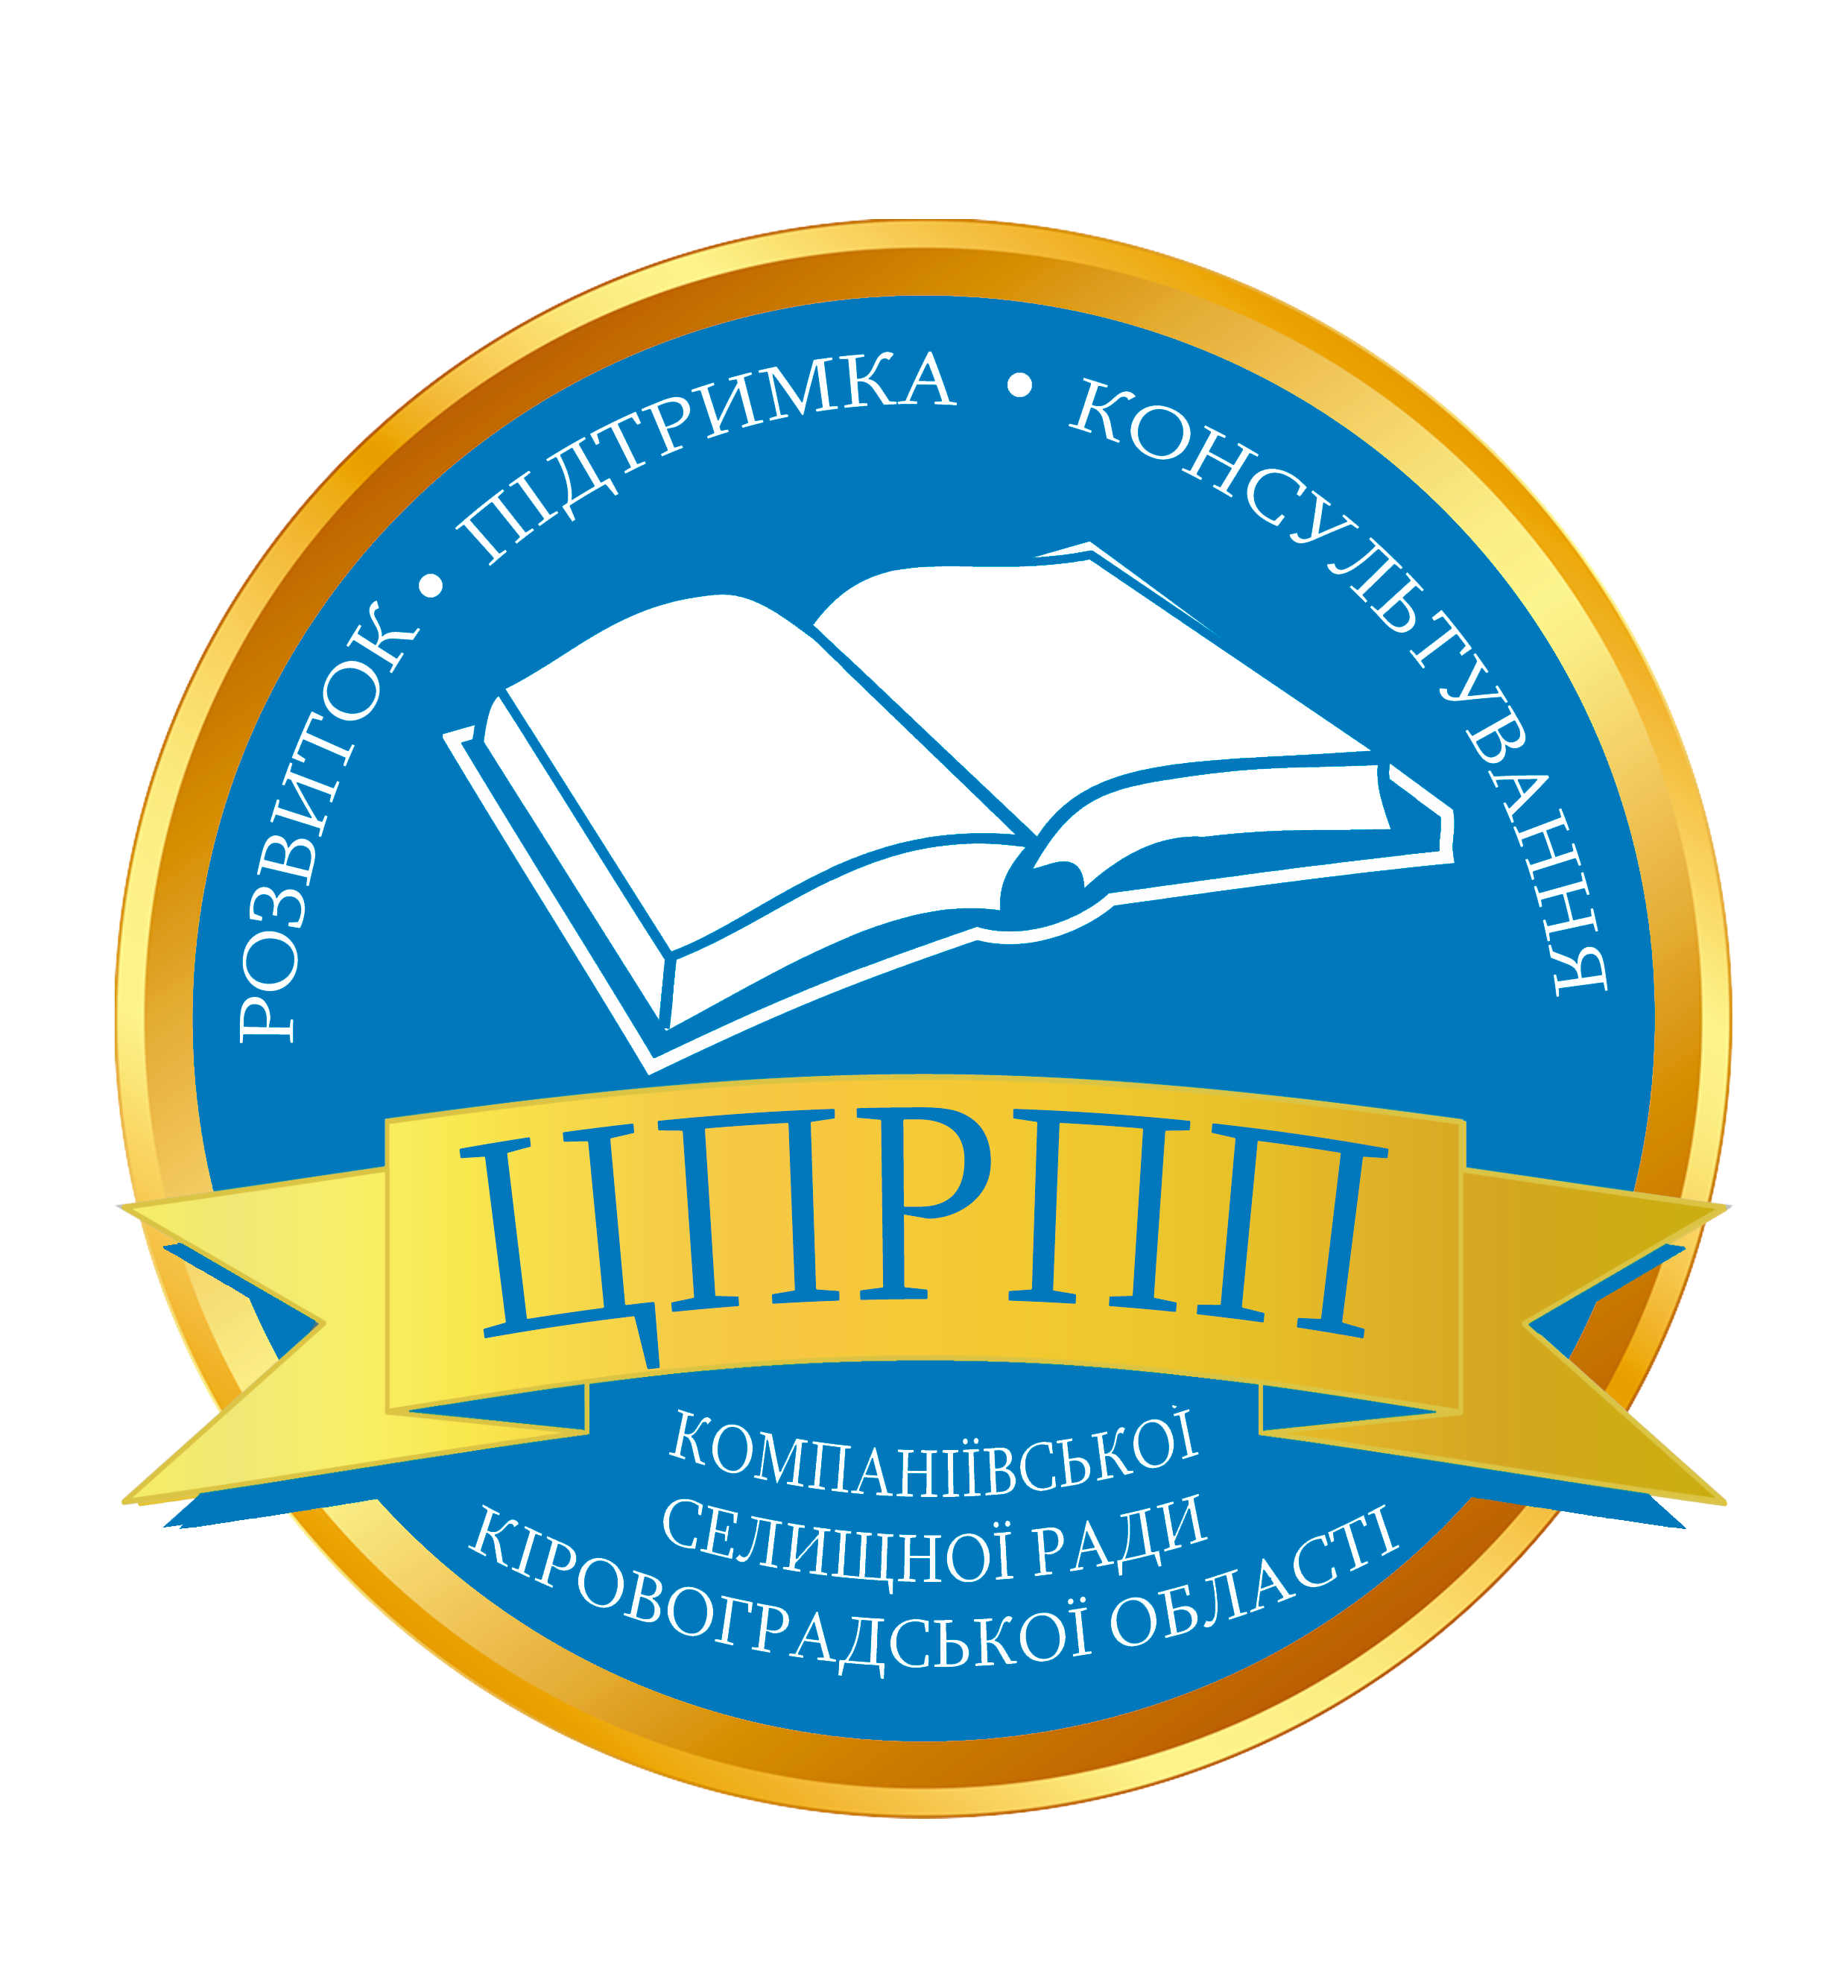 Центр професійного розвитку педагогічних працівників Компаніївської селищної ради Кіровоградської області